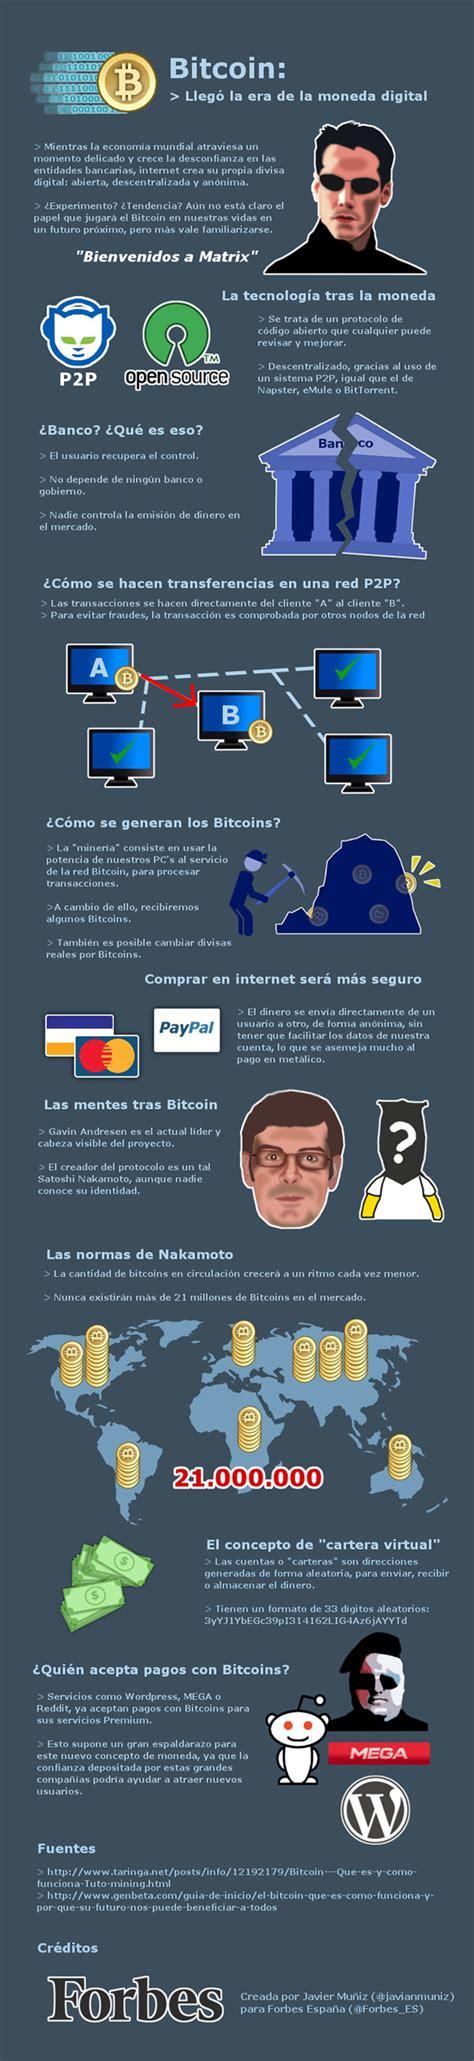 Todo sobre bitcoin (funcionamiento, minería, ventajas, desventajas.) y las monedas digitales como litecoin, freicoin y ripple.¡suscribete y apoya nuestro. Bitcoin y la nueva economía descentralizada digital #eCommerce. #Infografía en español | What is ...